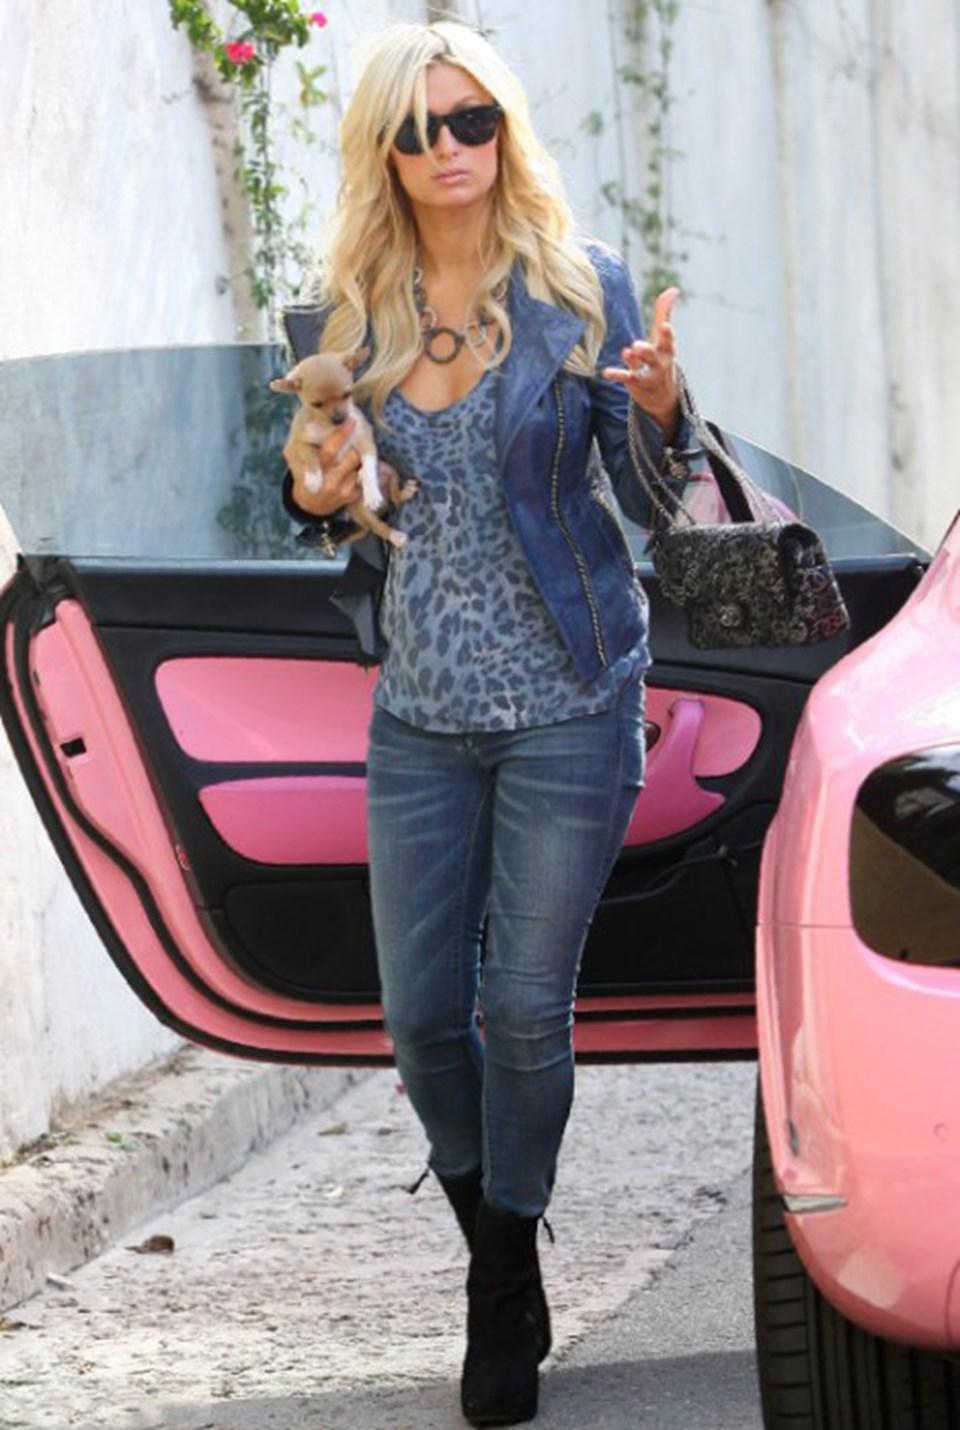 Paris Hilton chihuahua cinsi köpeğini taşıyarak pembe Bentley'inden inerken tam bir sosyete yıldızı gibi görünüyordu